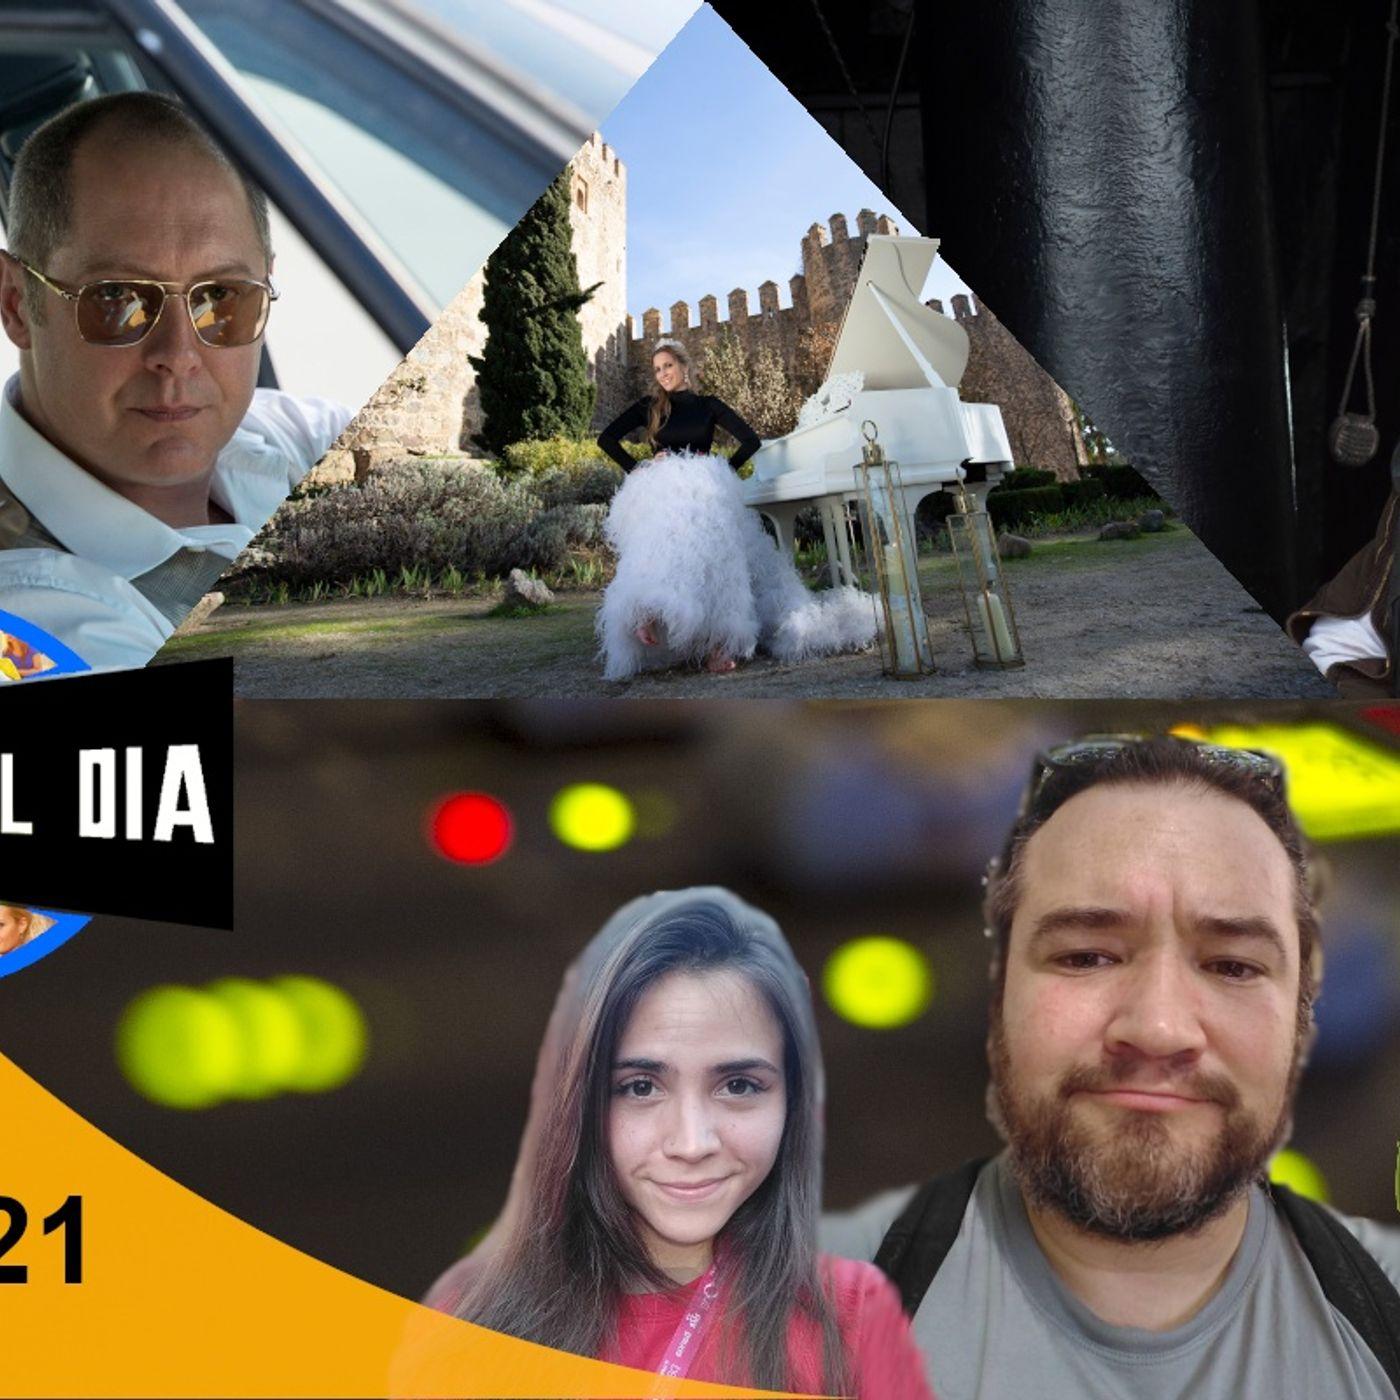 After y los lectores | Ponte al día 435 (23/04/21)